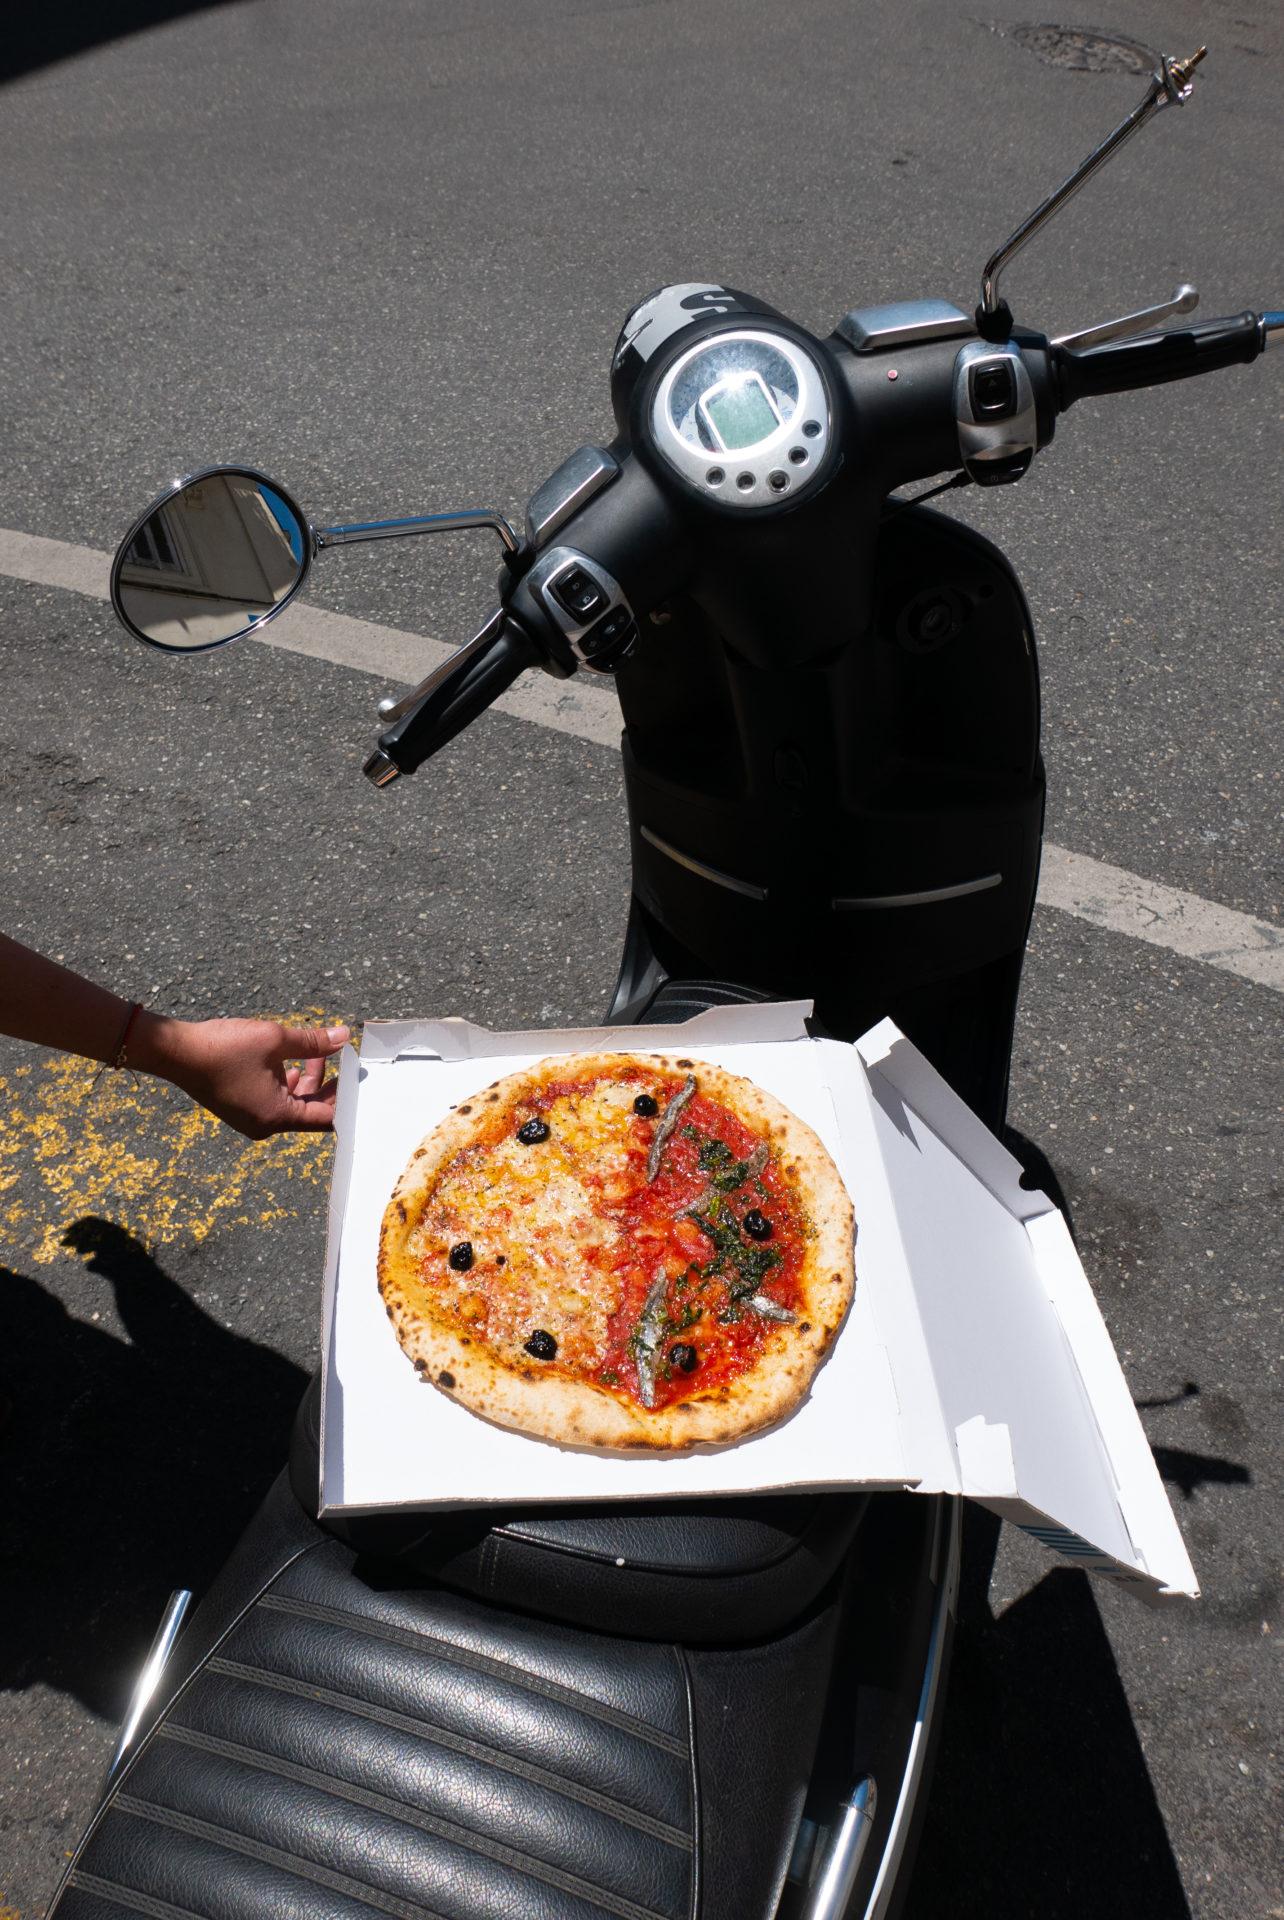 Double pizza dans son carton ouvert sur un scooter noir